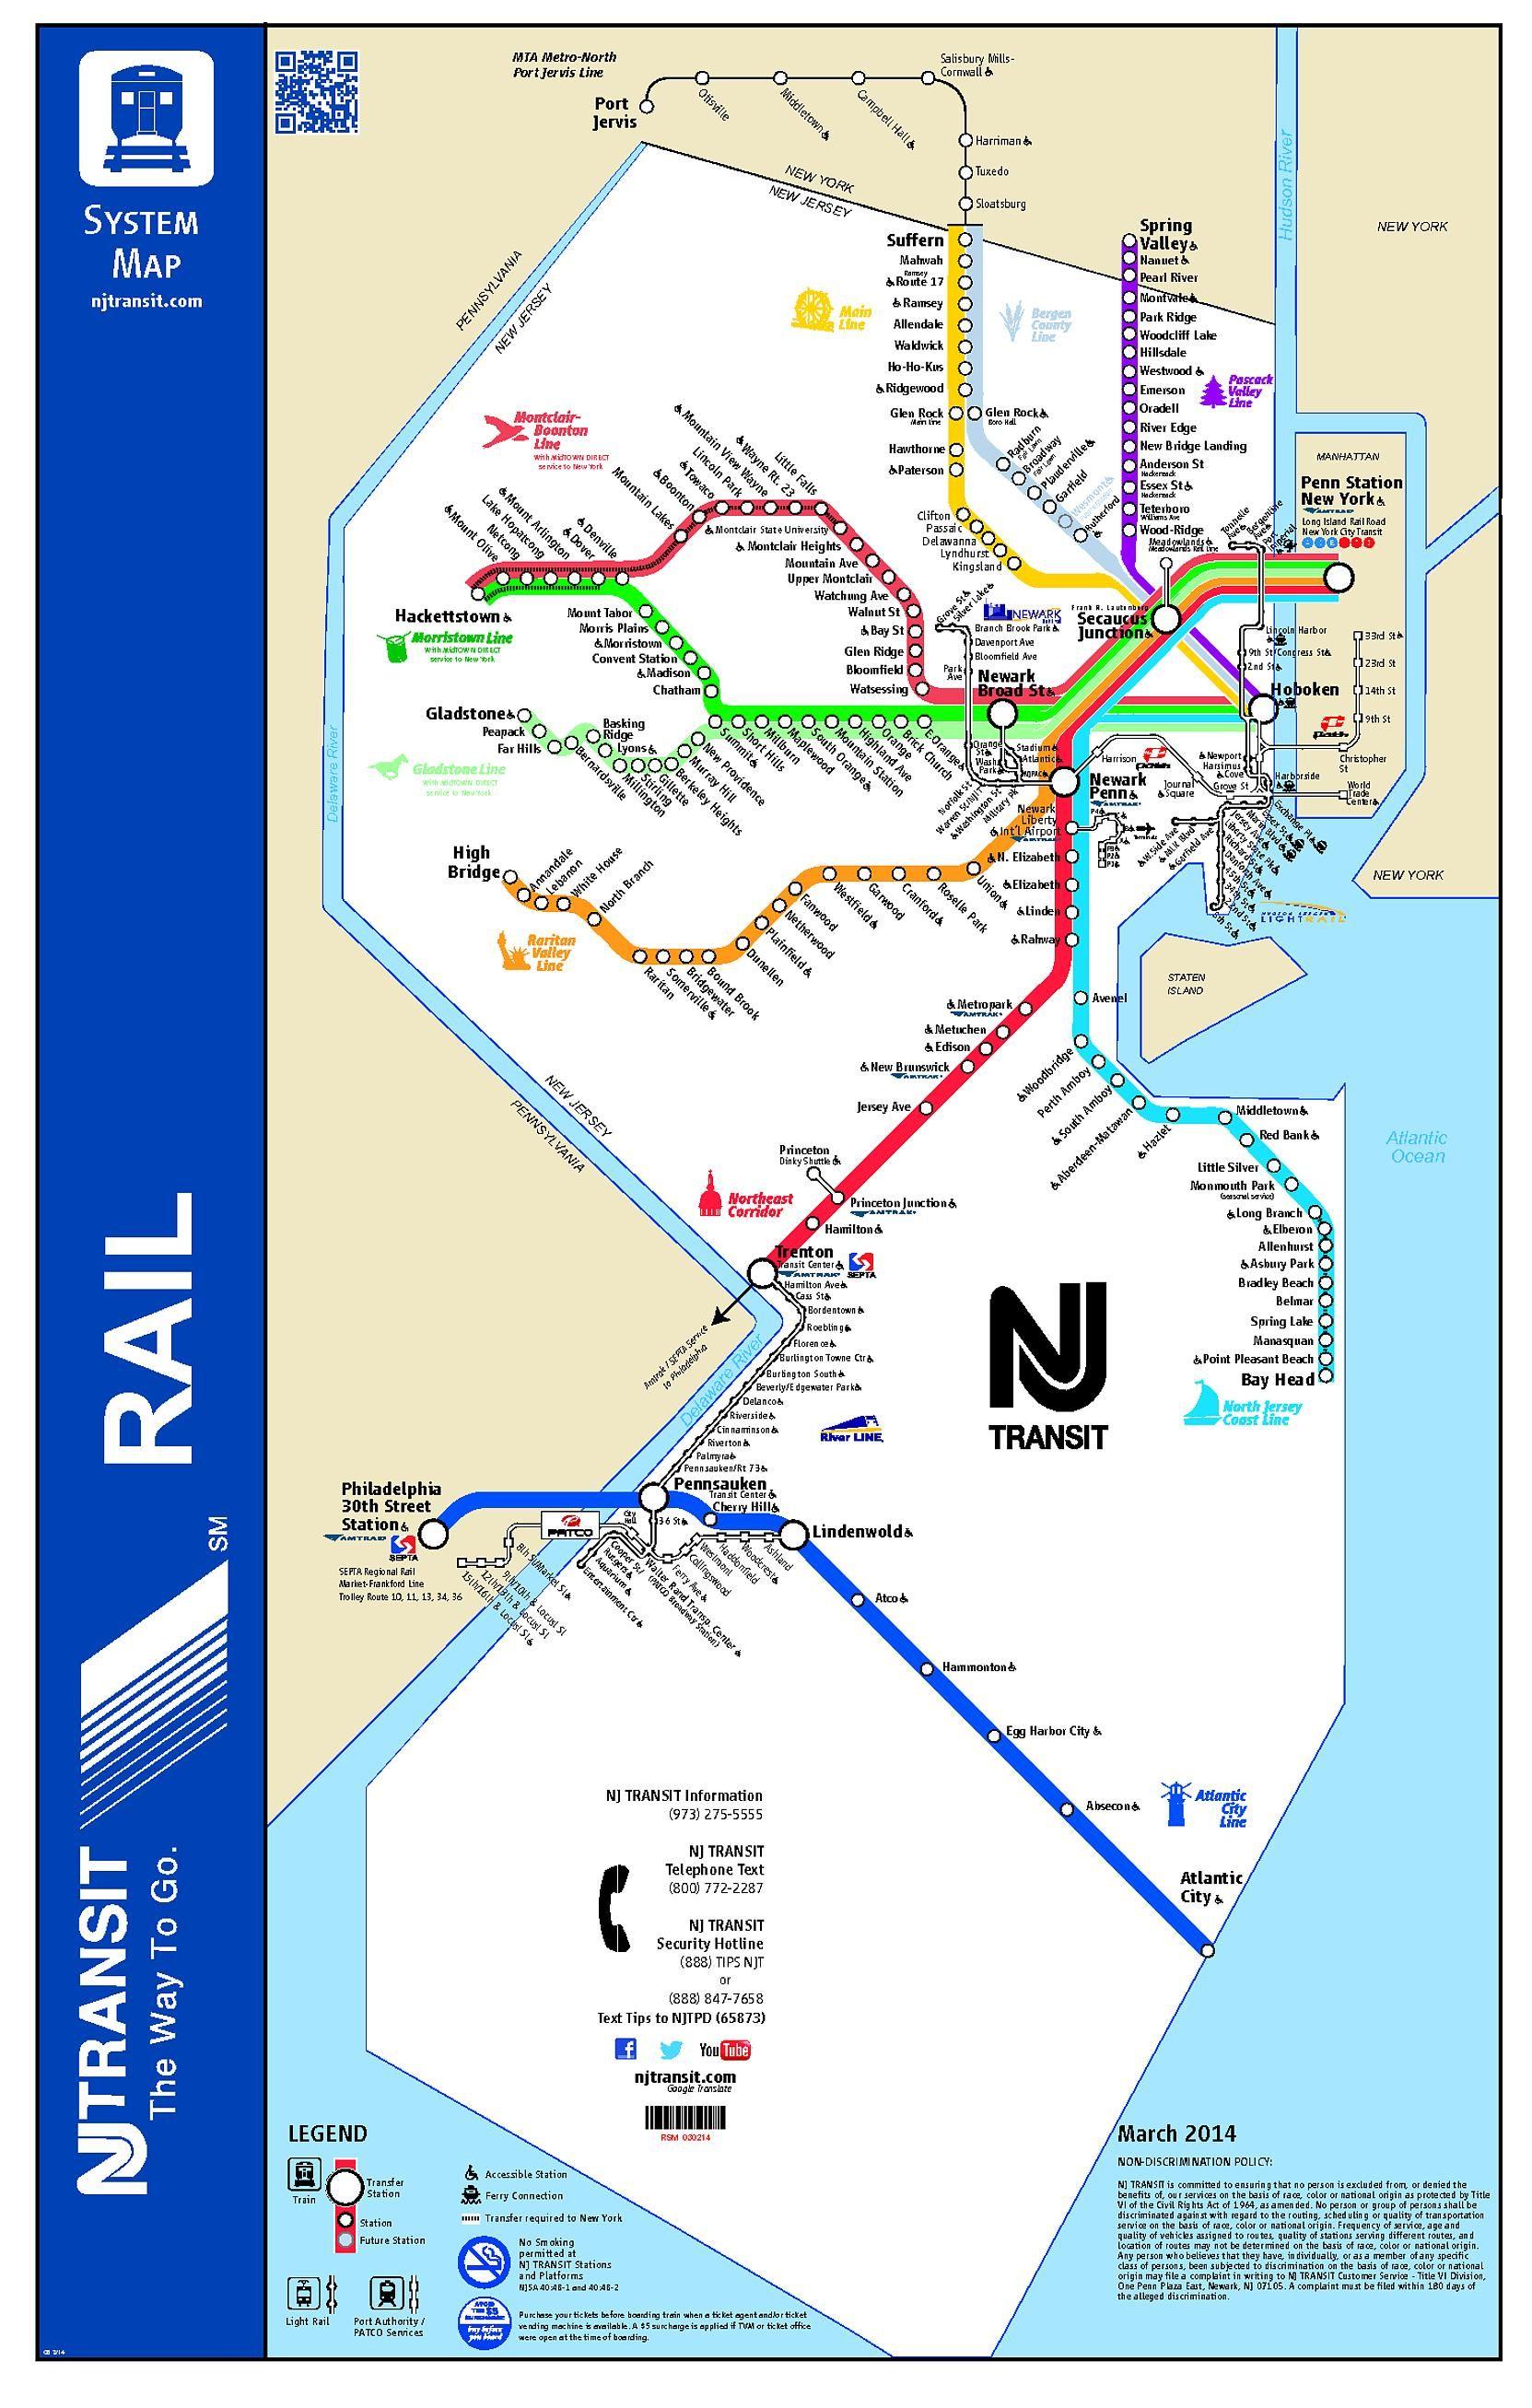 Nj Transit Subway Map.The Rail Map Of New Jersey 1663x2614 Maps Map New Jersey Usa